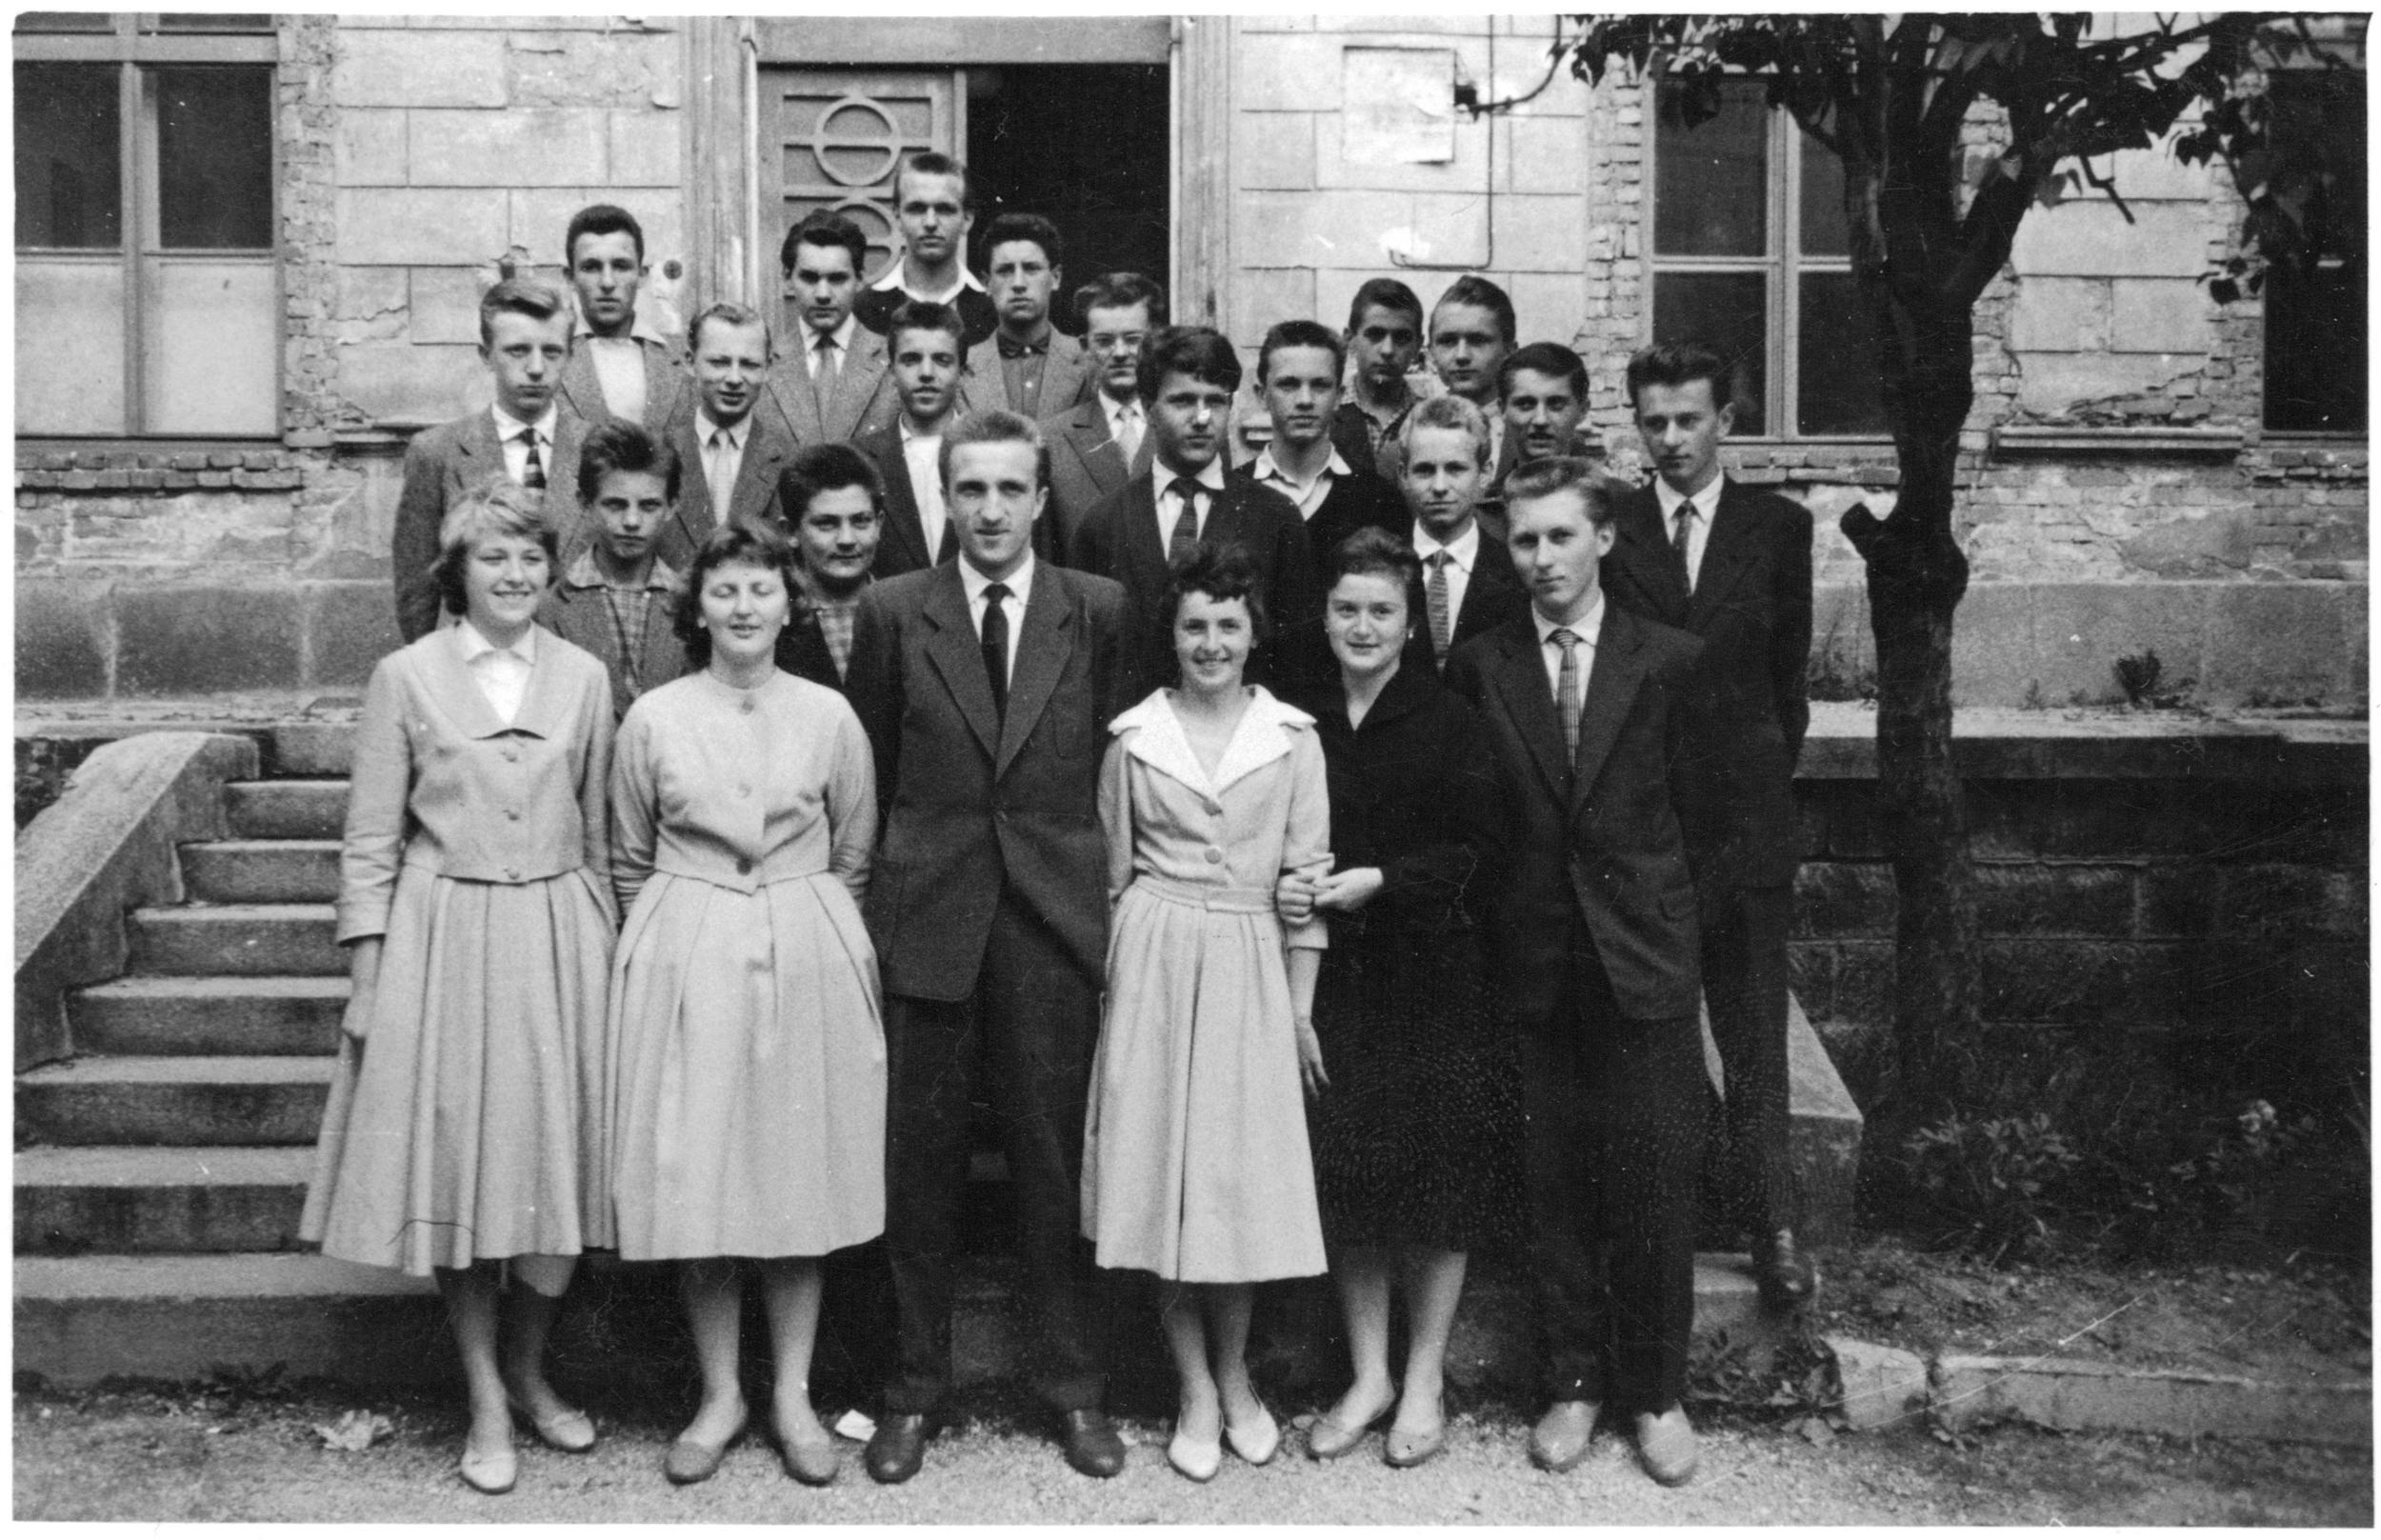 TŘÍDNÍM UČITELEM S2D 1958-1960 PRŮMYSLOVÁ ŠKOLA LIBEREC